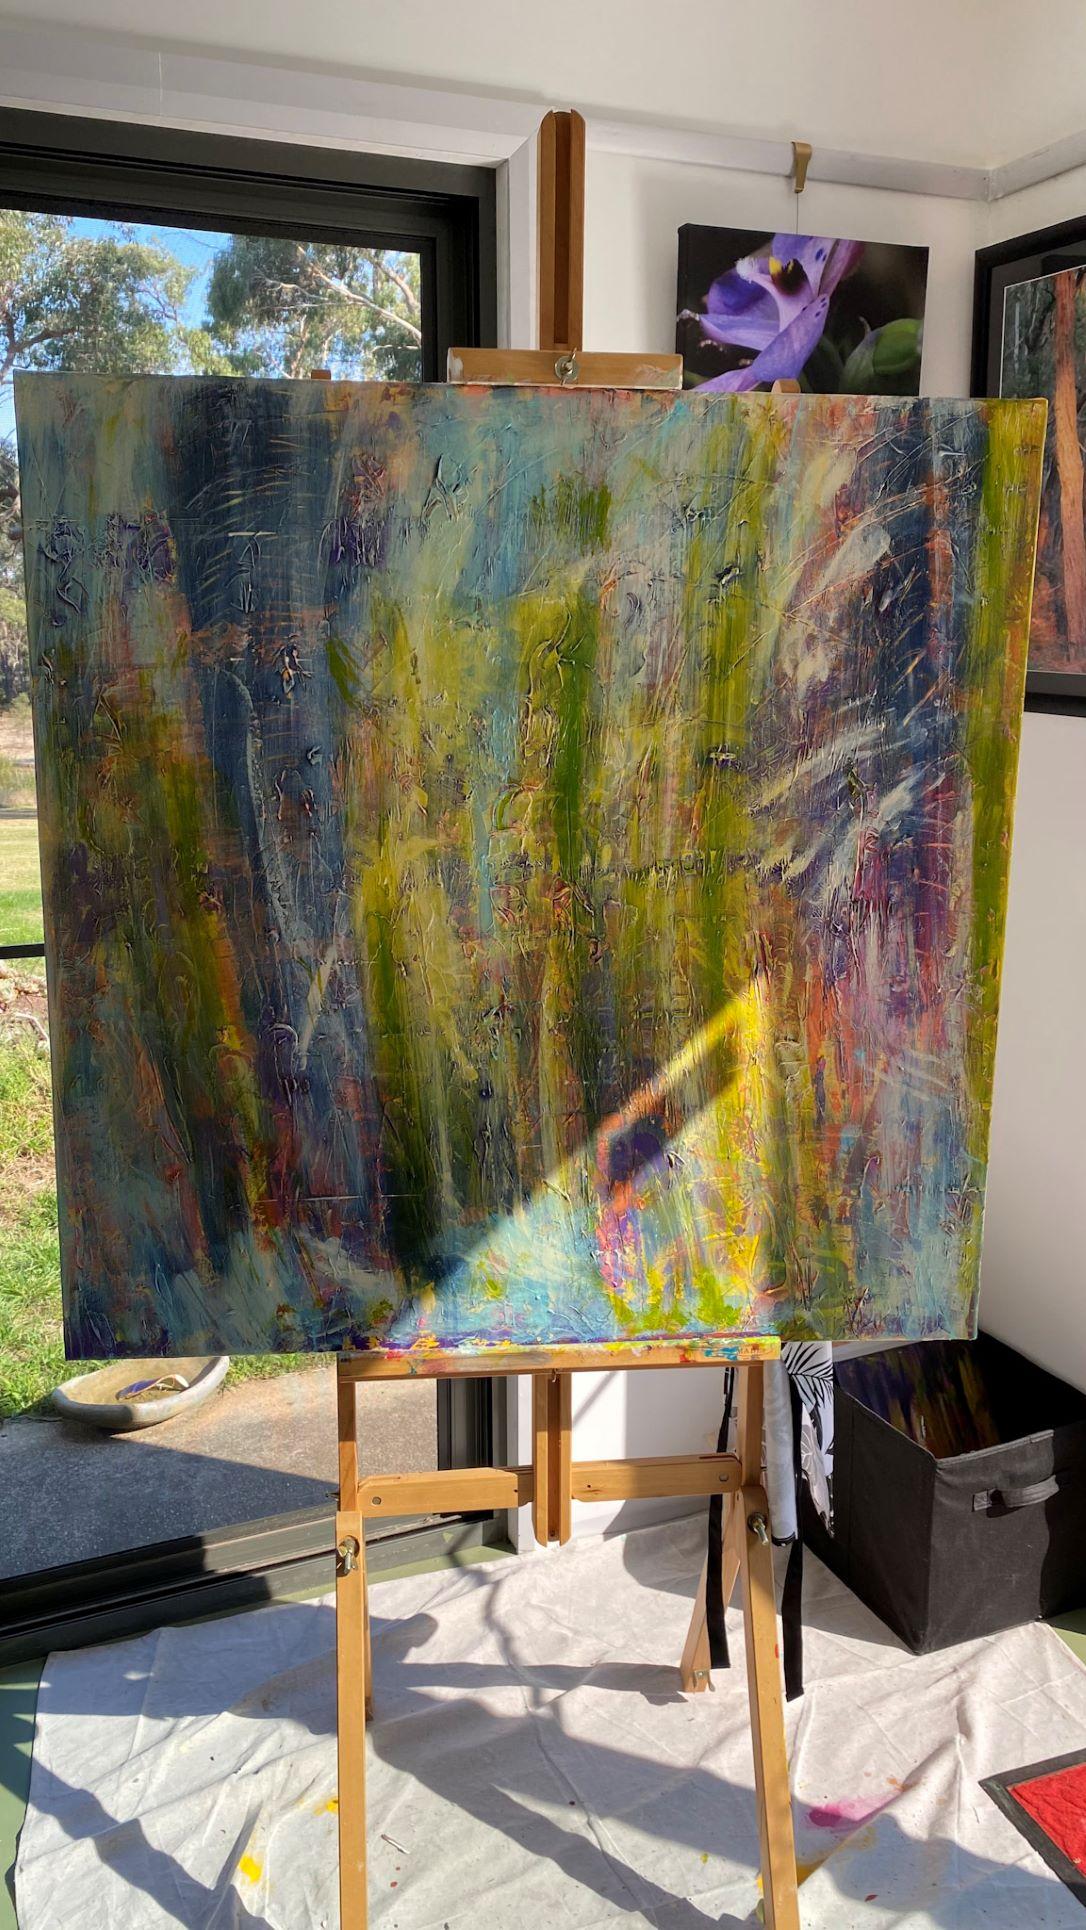 Work in progress - Layer 3 - 'Trunks' Lisa G Hunter